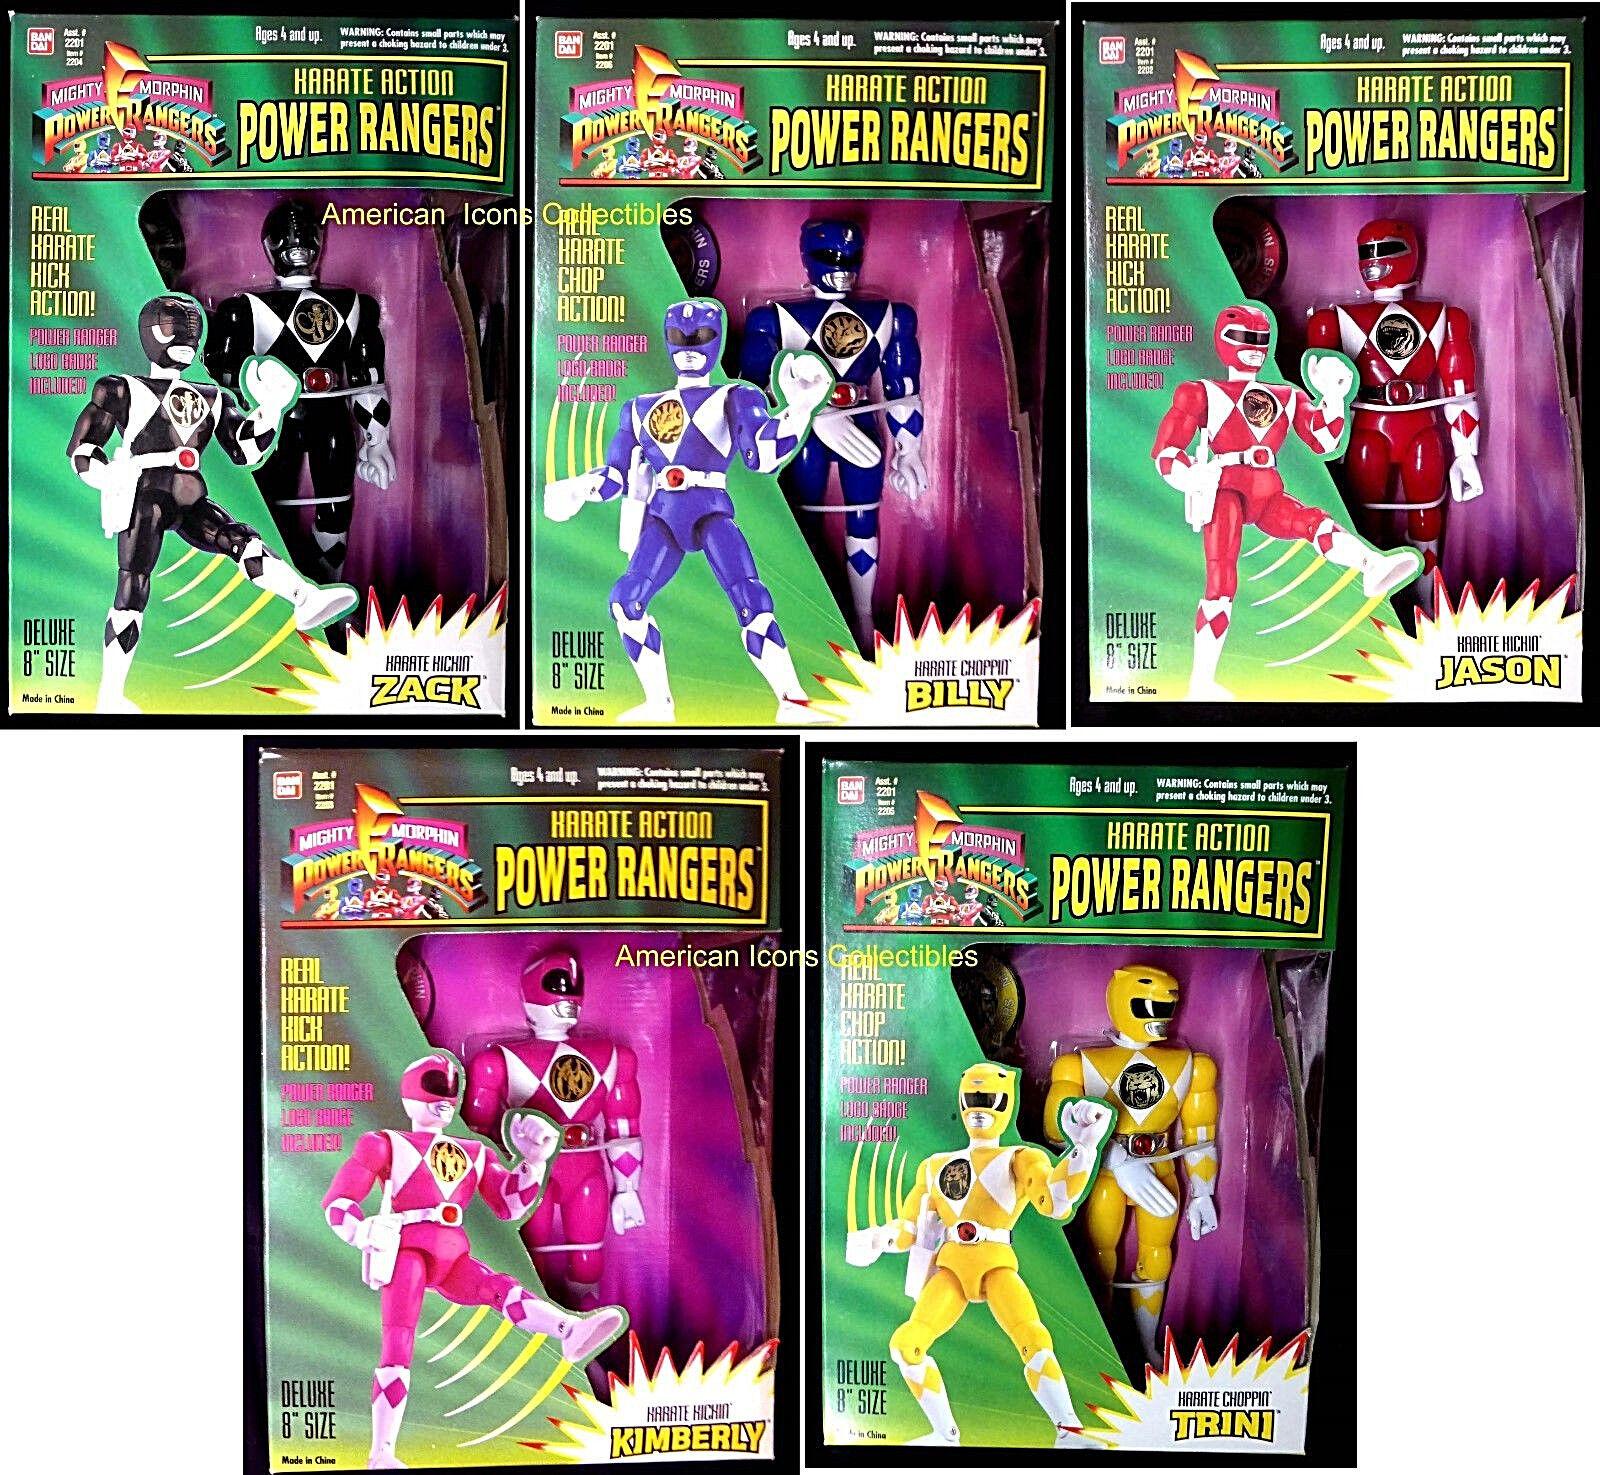 8  Power Rangers Karate Acción Conjunto de 5 nuevo 1994 Zack Billy jasontrini + amricons